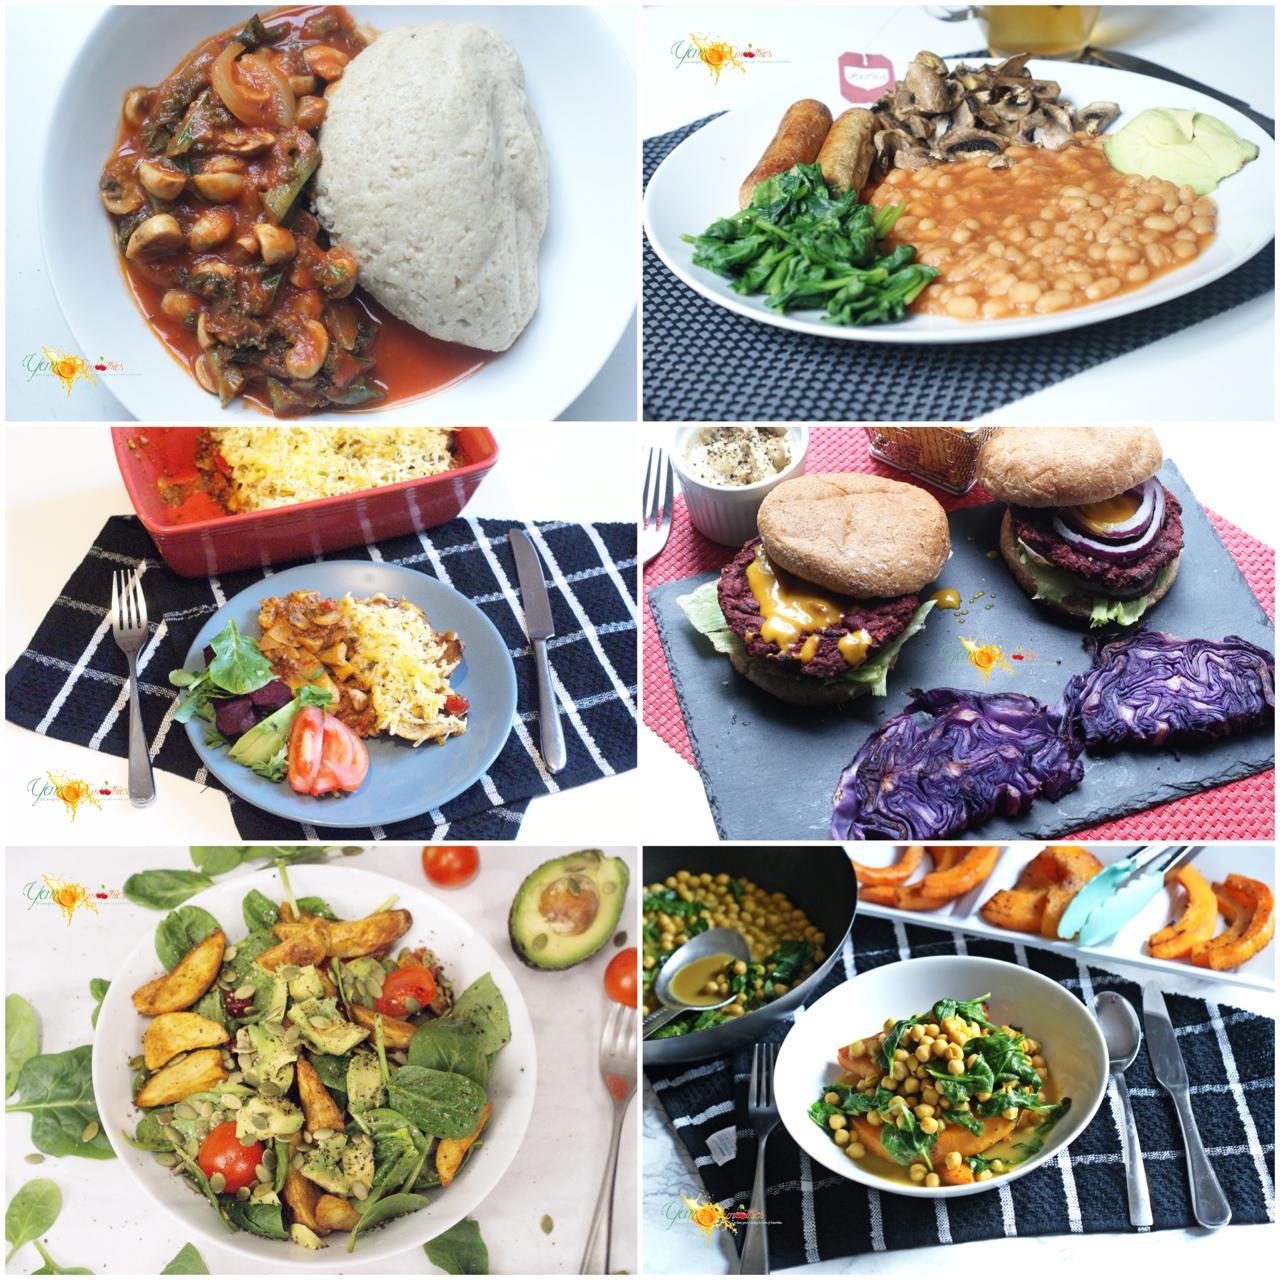 Yemsmoothies Vegan Foods.png